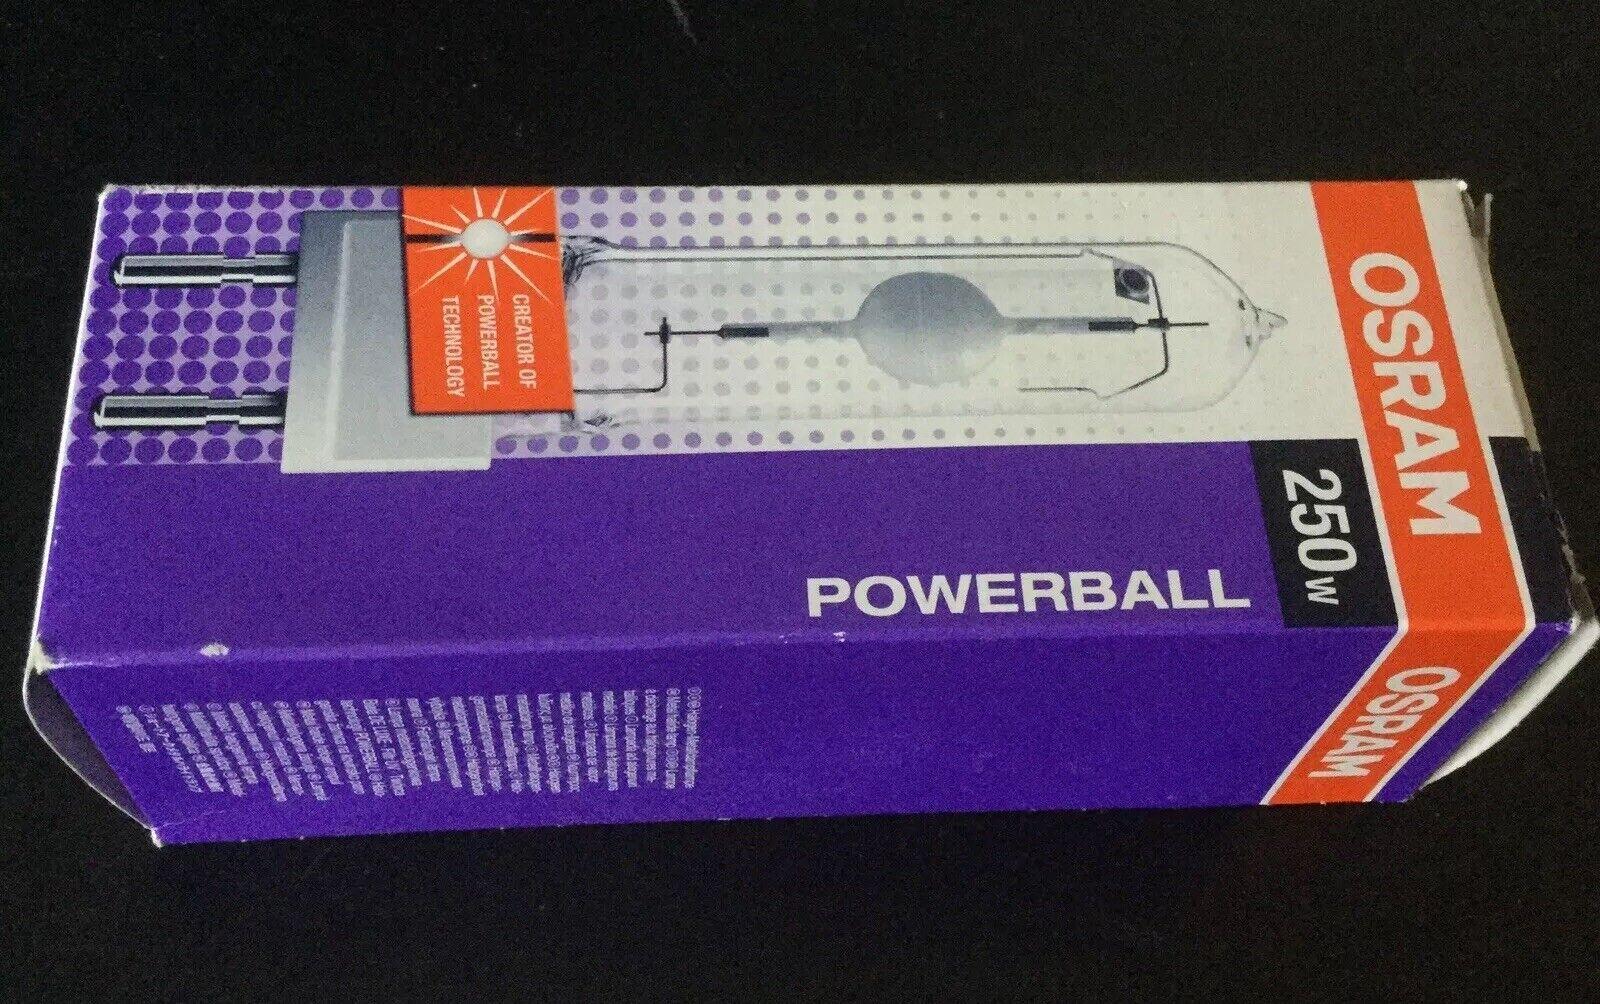 Osram Powerball Hci-TM 250W 942 dioxina blancoo Neutro De Luxe G22